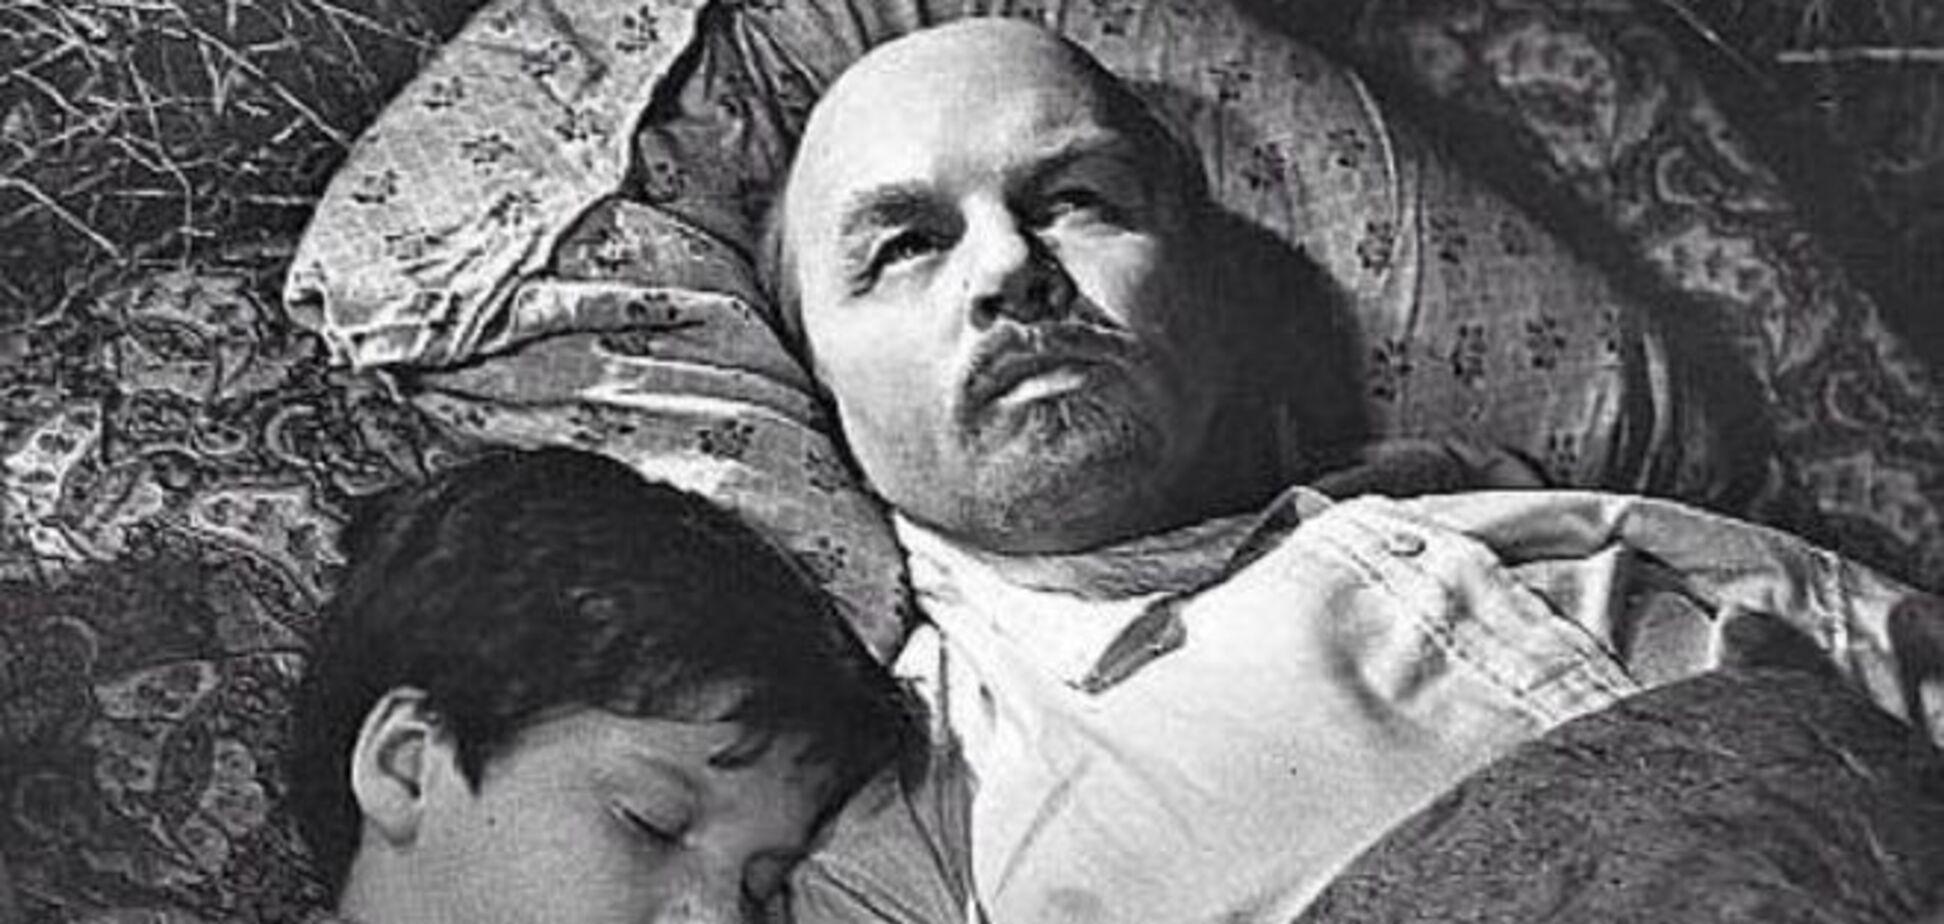 Пионер всегда готов: Чуркину припомнили постельную сцену с Лениным. Фотофакт